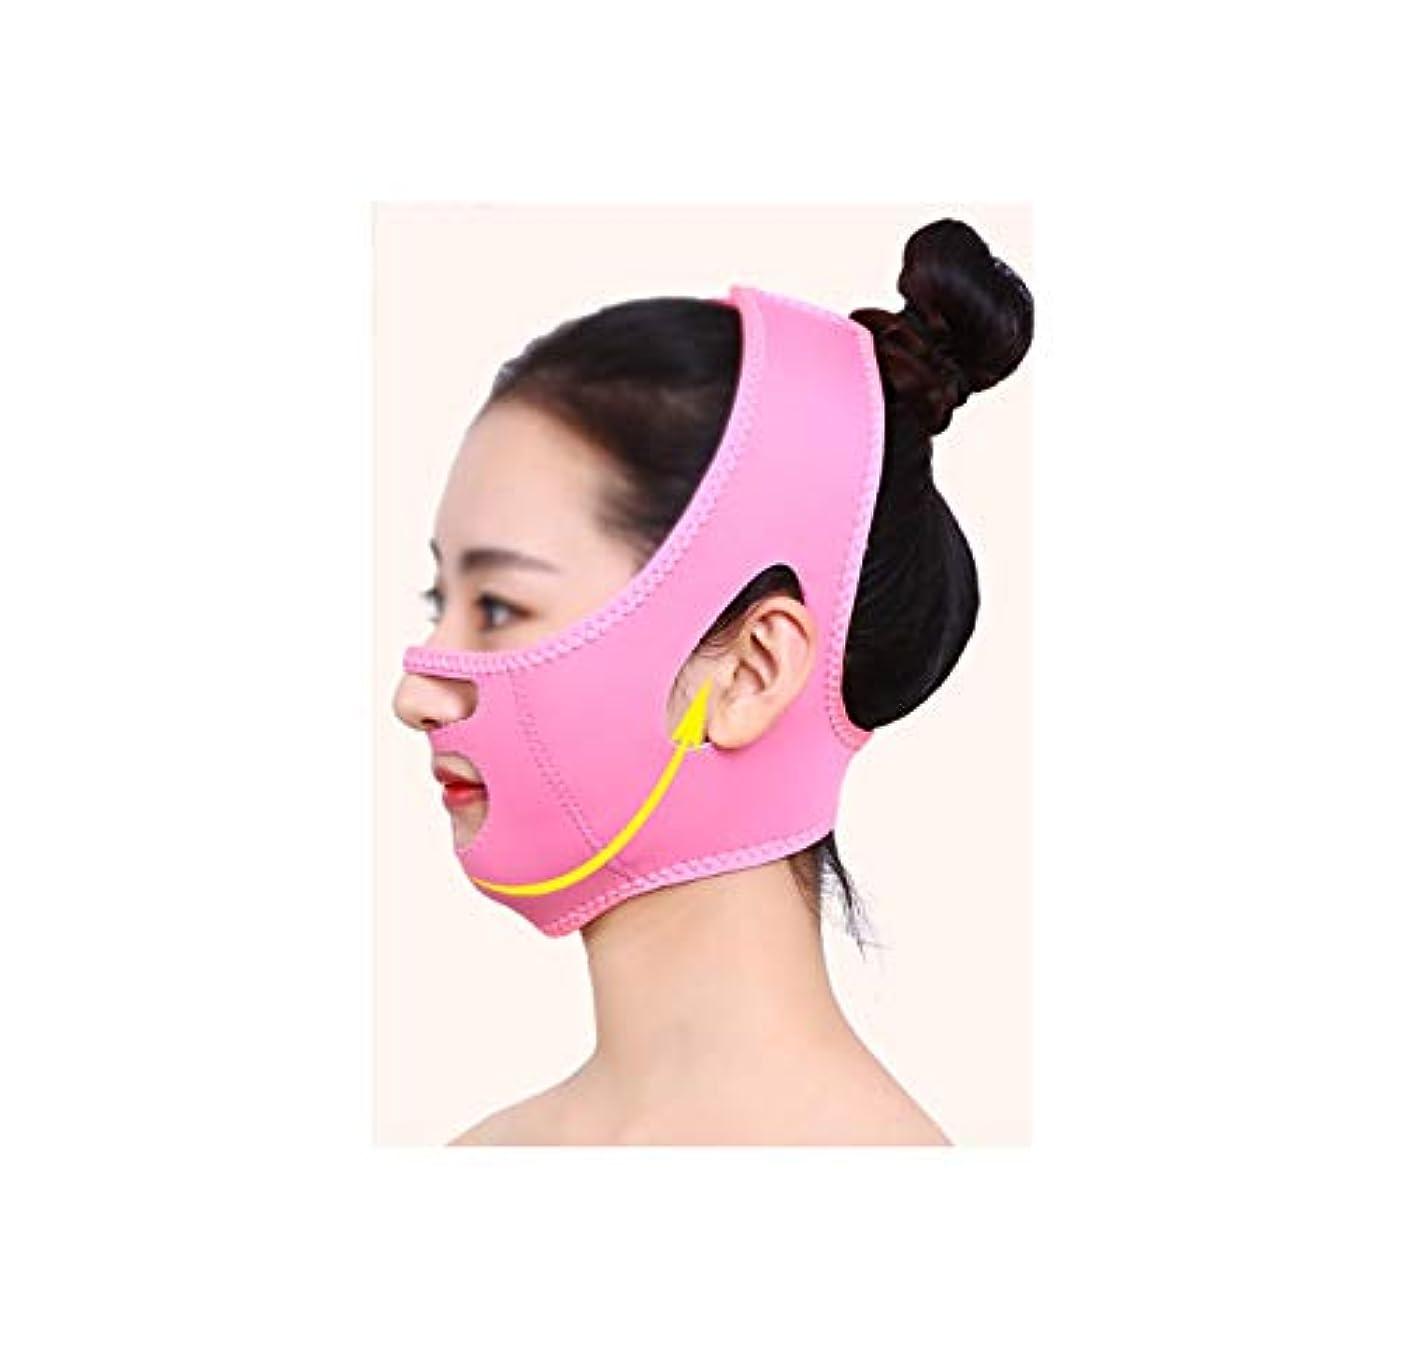 リスク武器宇宙船TLMY 薄い顔マスクマスク顔機美容機器ローラー顔薄い顔Vフェイスマスク二重あご包帯アーティファクト 顔用整形マスク